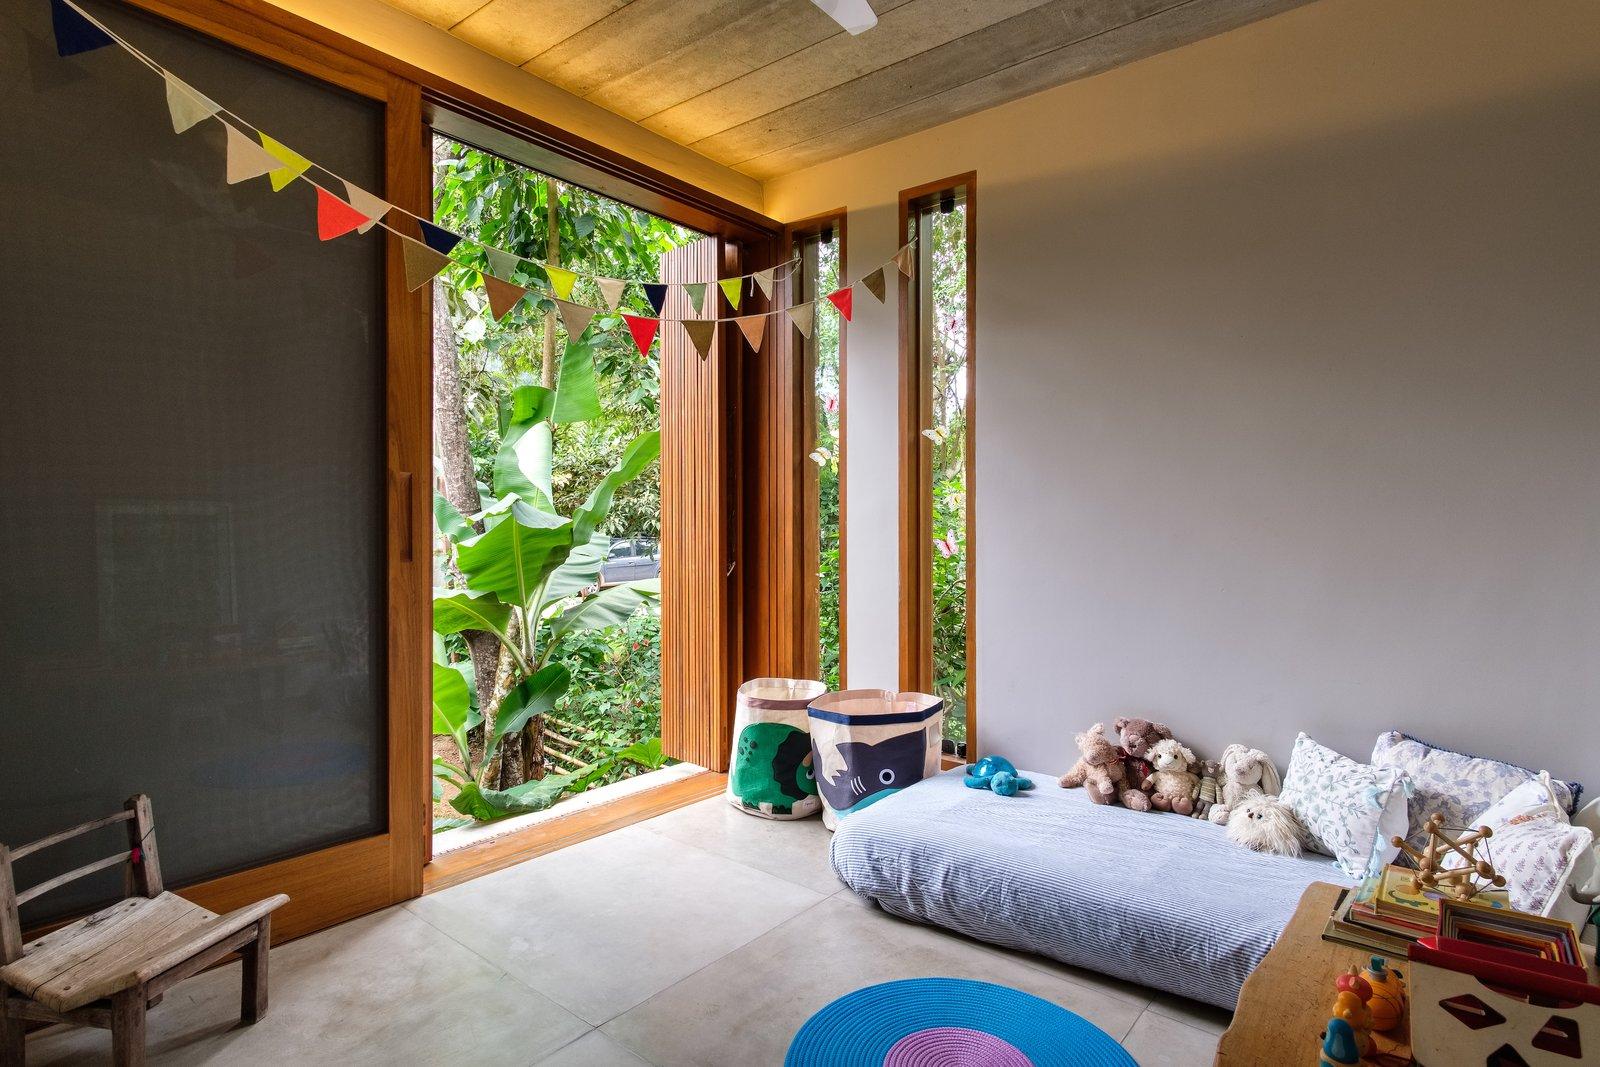 Dormitorio, cama y silla Las grandes aberturas con pantallas de madera móviles permiten ventilación, vistas y privacidad.